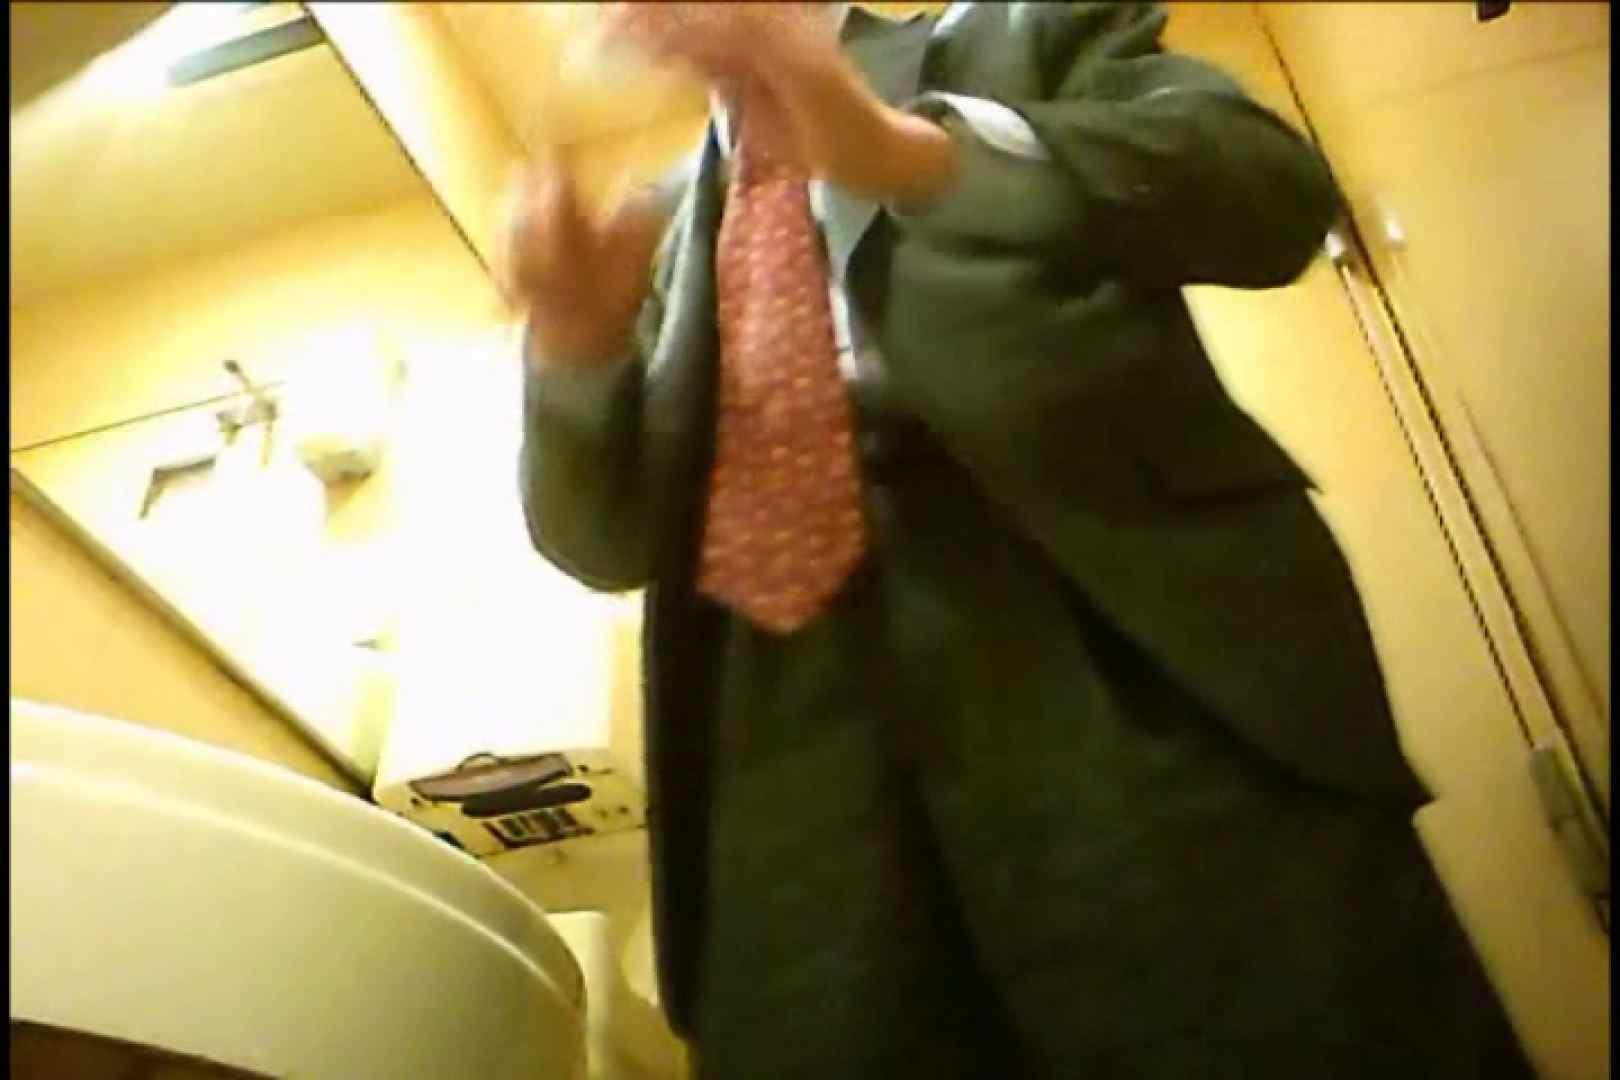 Gボーイ初投稿!掴み取りさんの洗面所覗き!in新幹線!VOL.07 のぞき | リーマン系メンズ  9画像 1